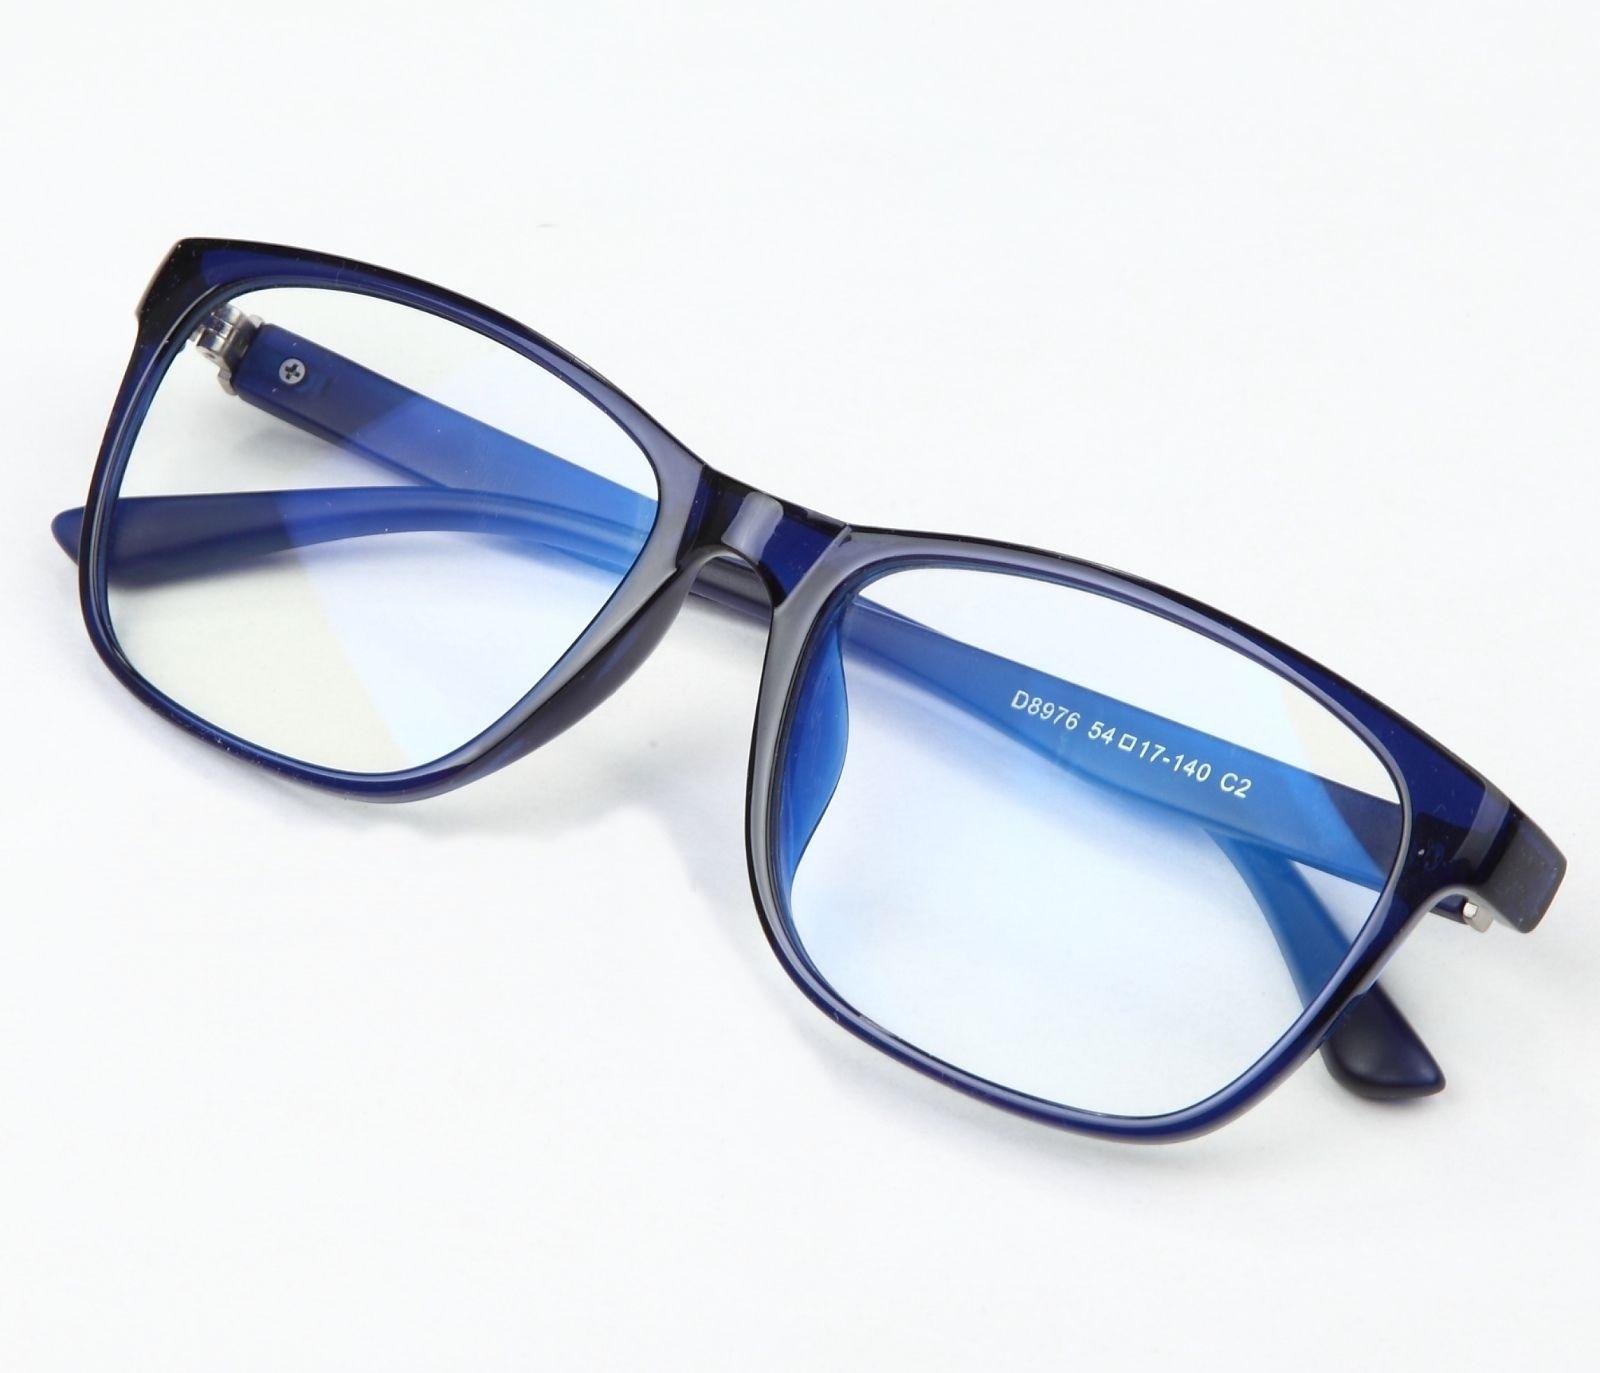 แว่นตาบอดสีเลนส์ใส เหมาะสำหรับผู้ที่ตาบอดสีแดง เขียว